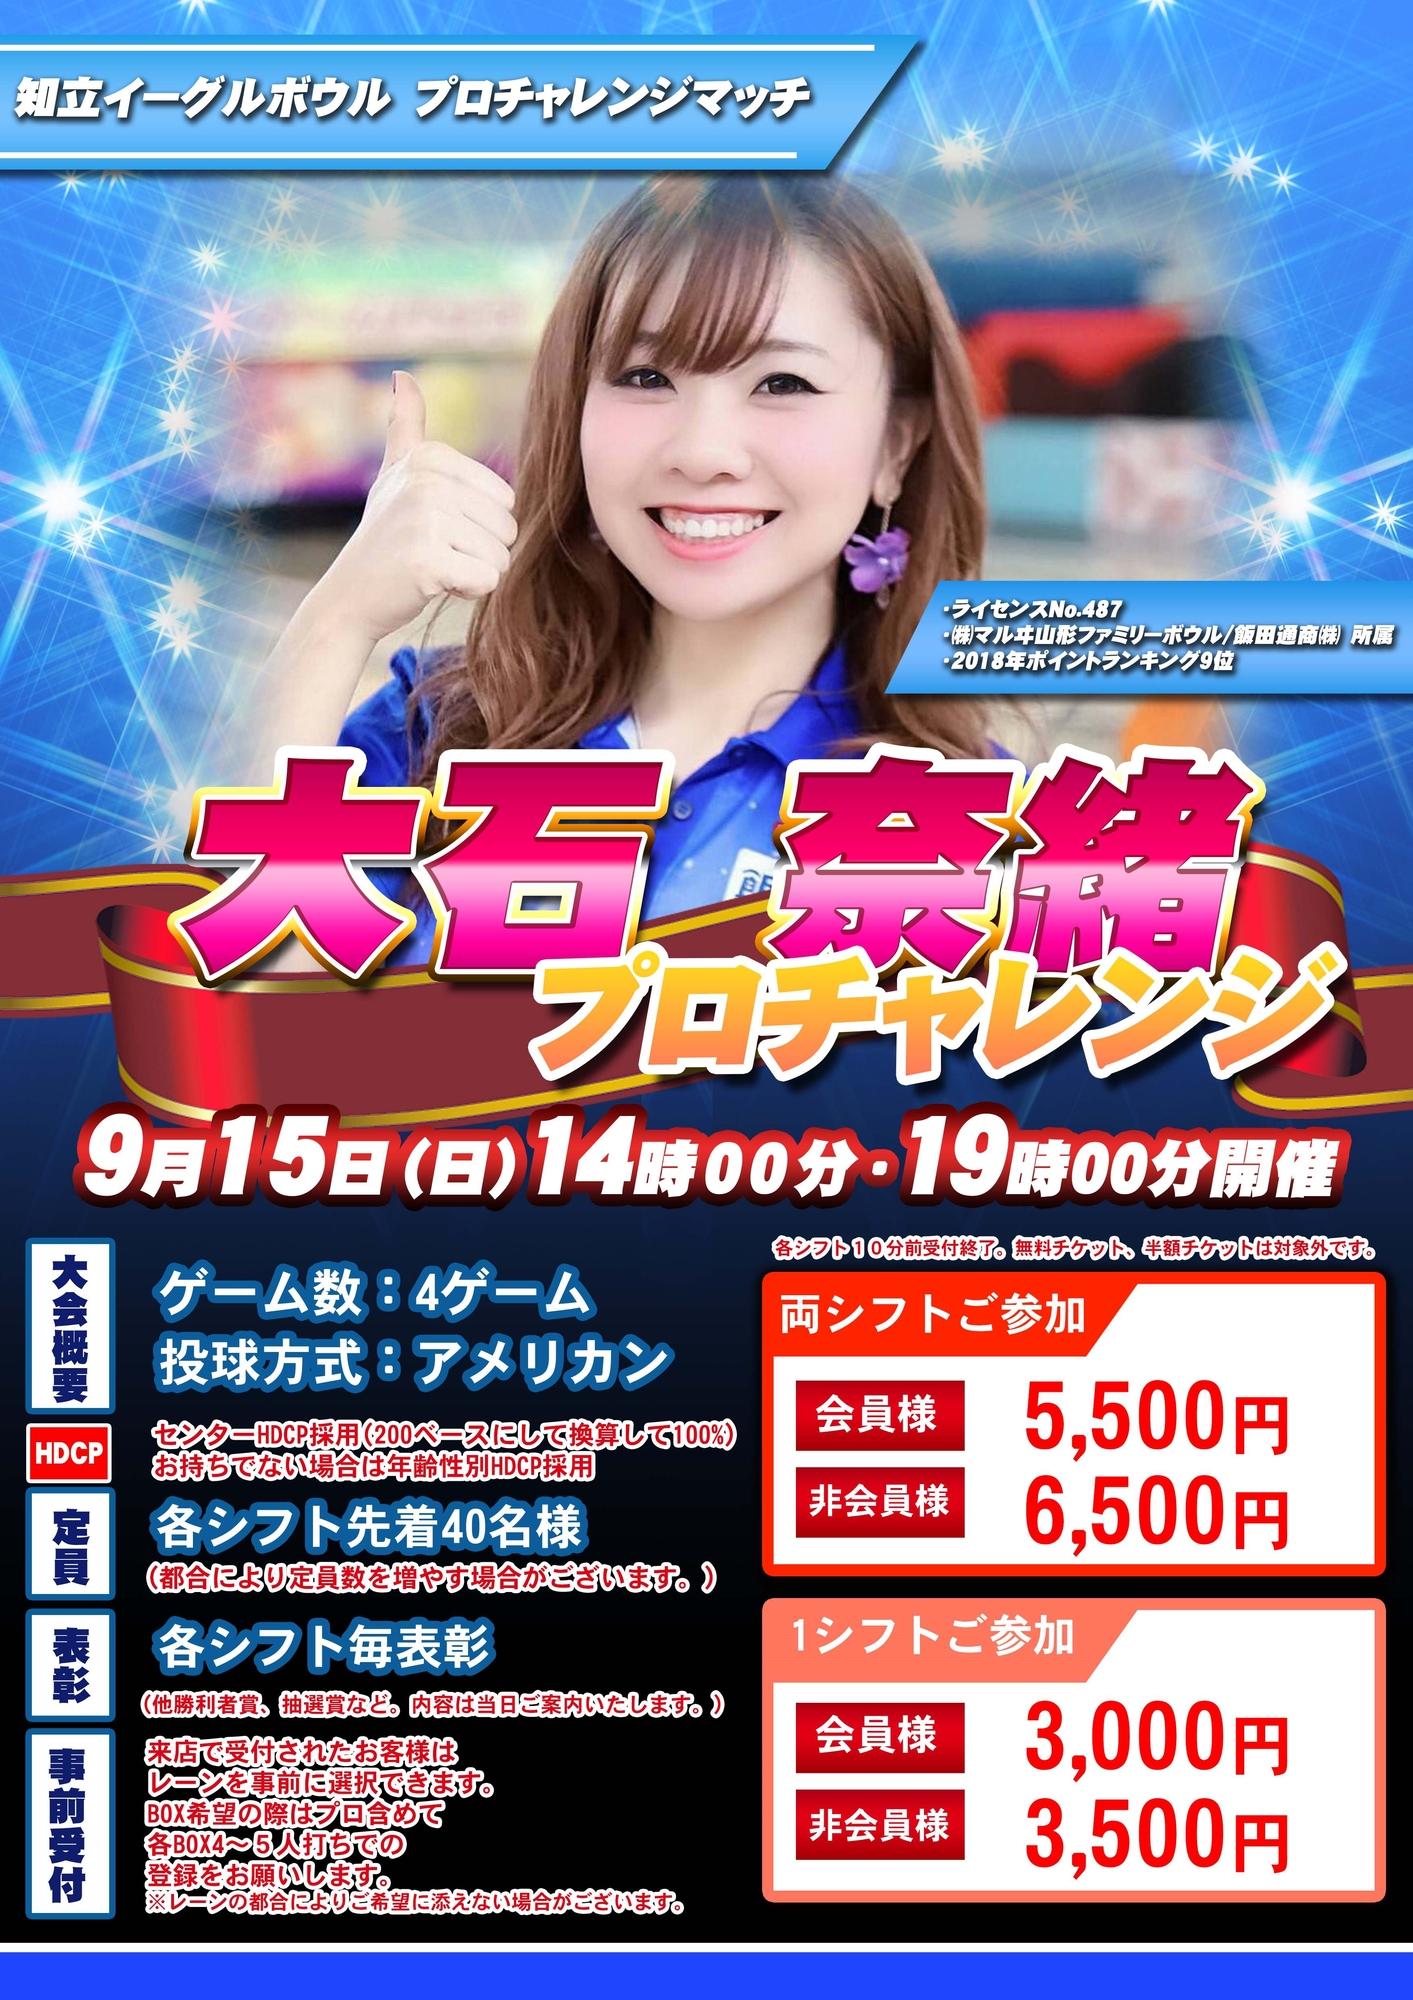 9/15 大石奈緒プロチャレンジ